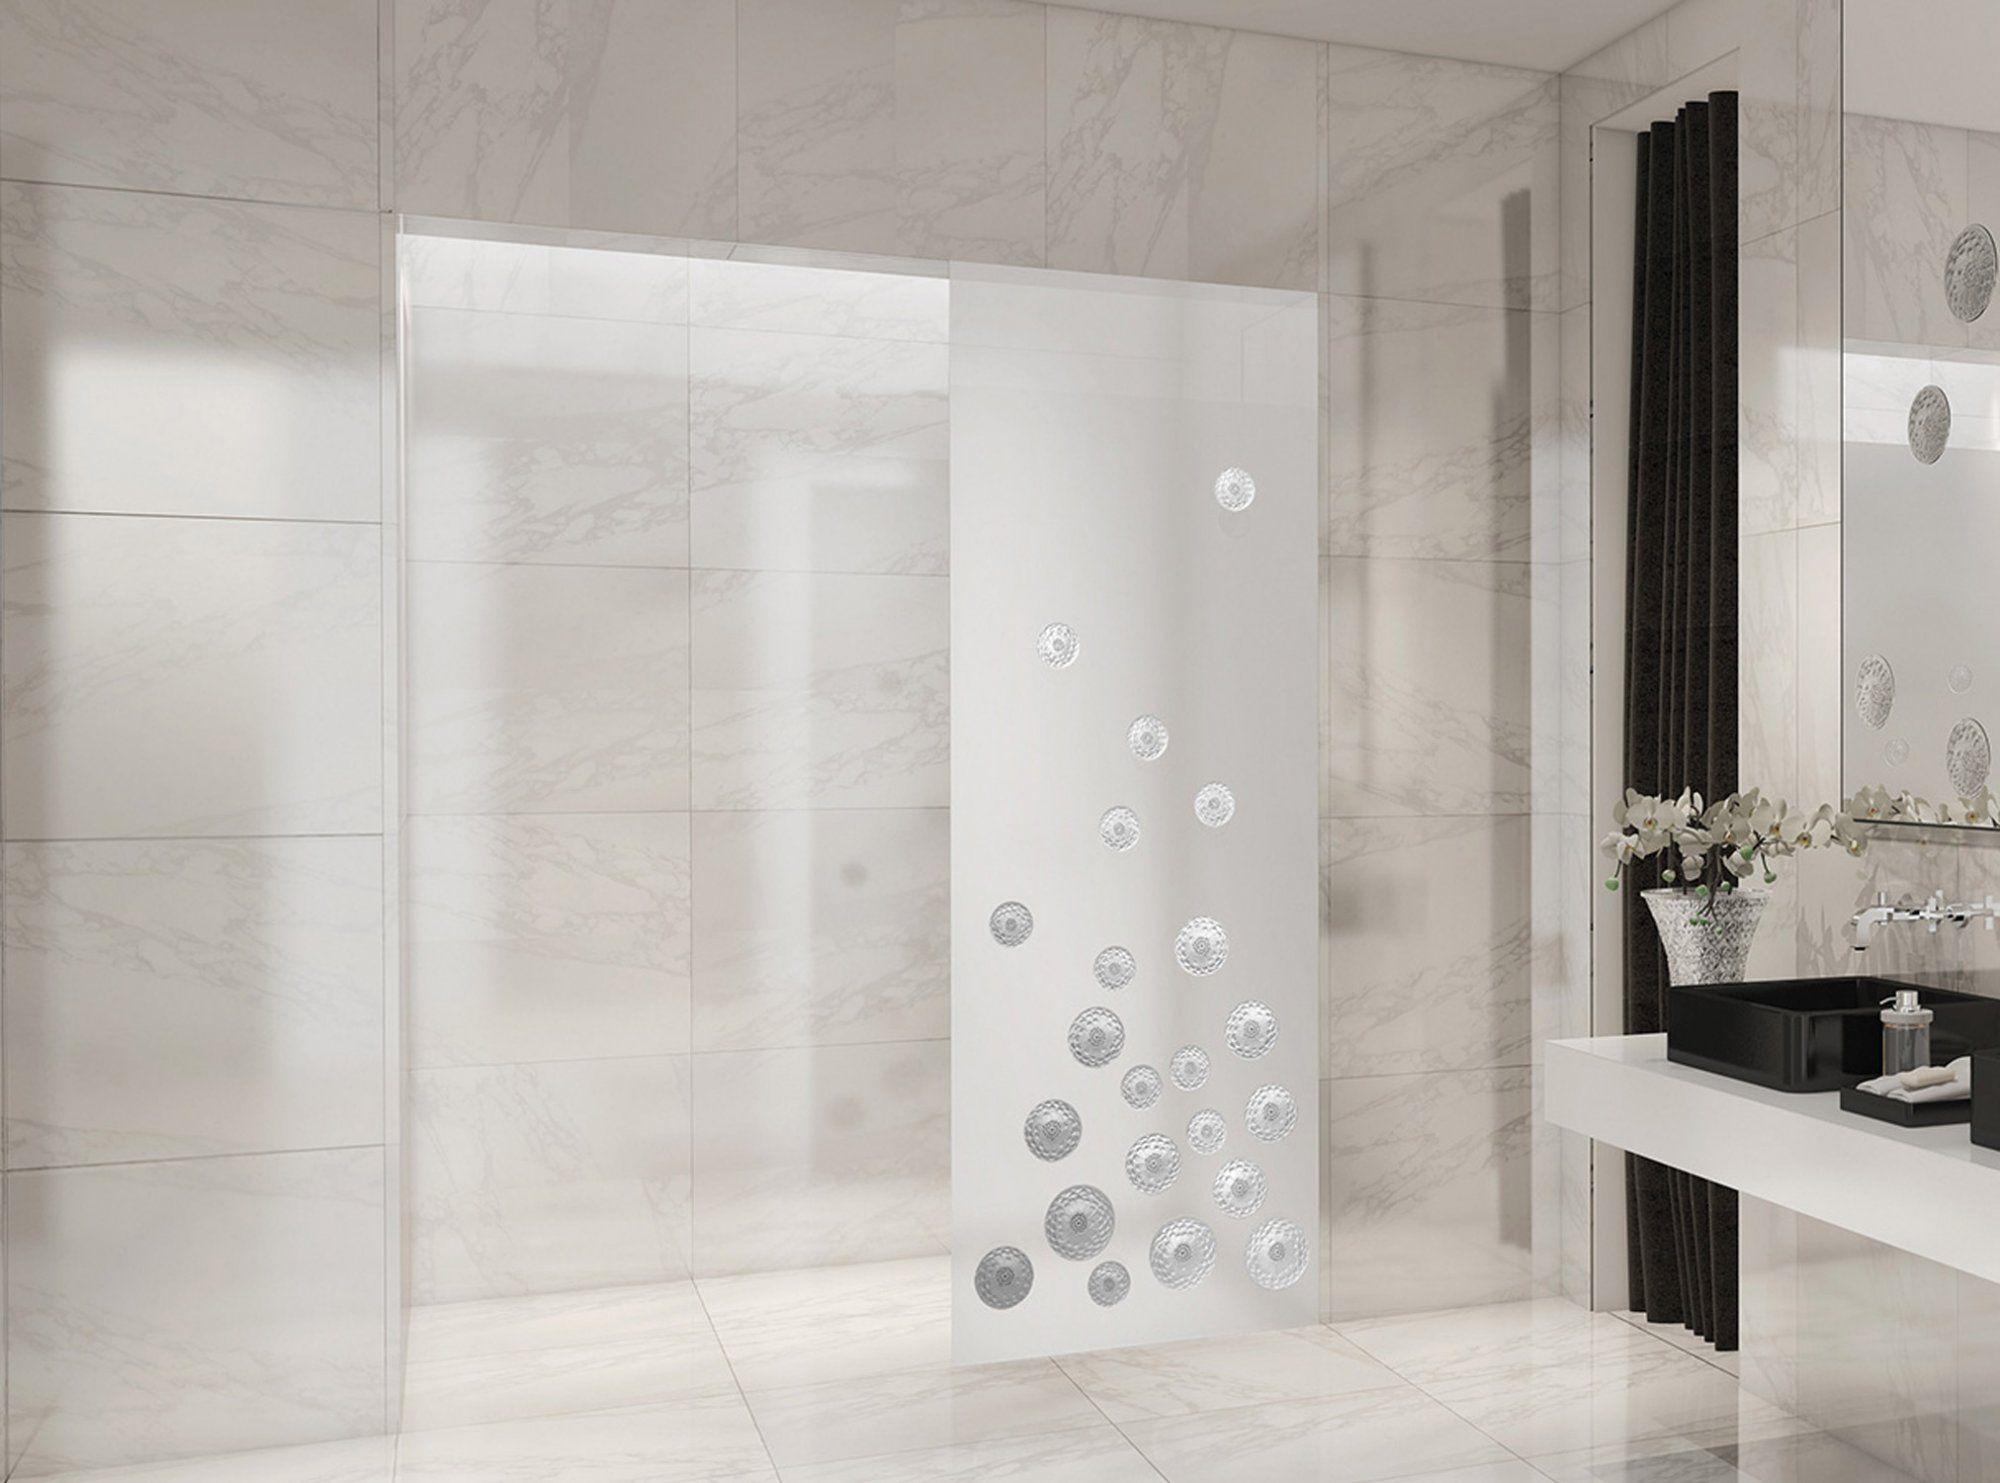 Lalique Crystal Shower Panel Shower Panels Glass Shower Panels